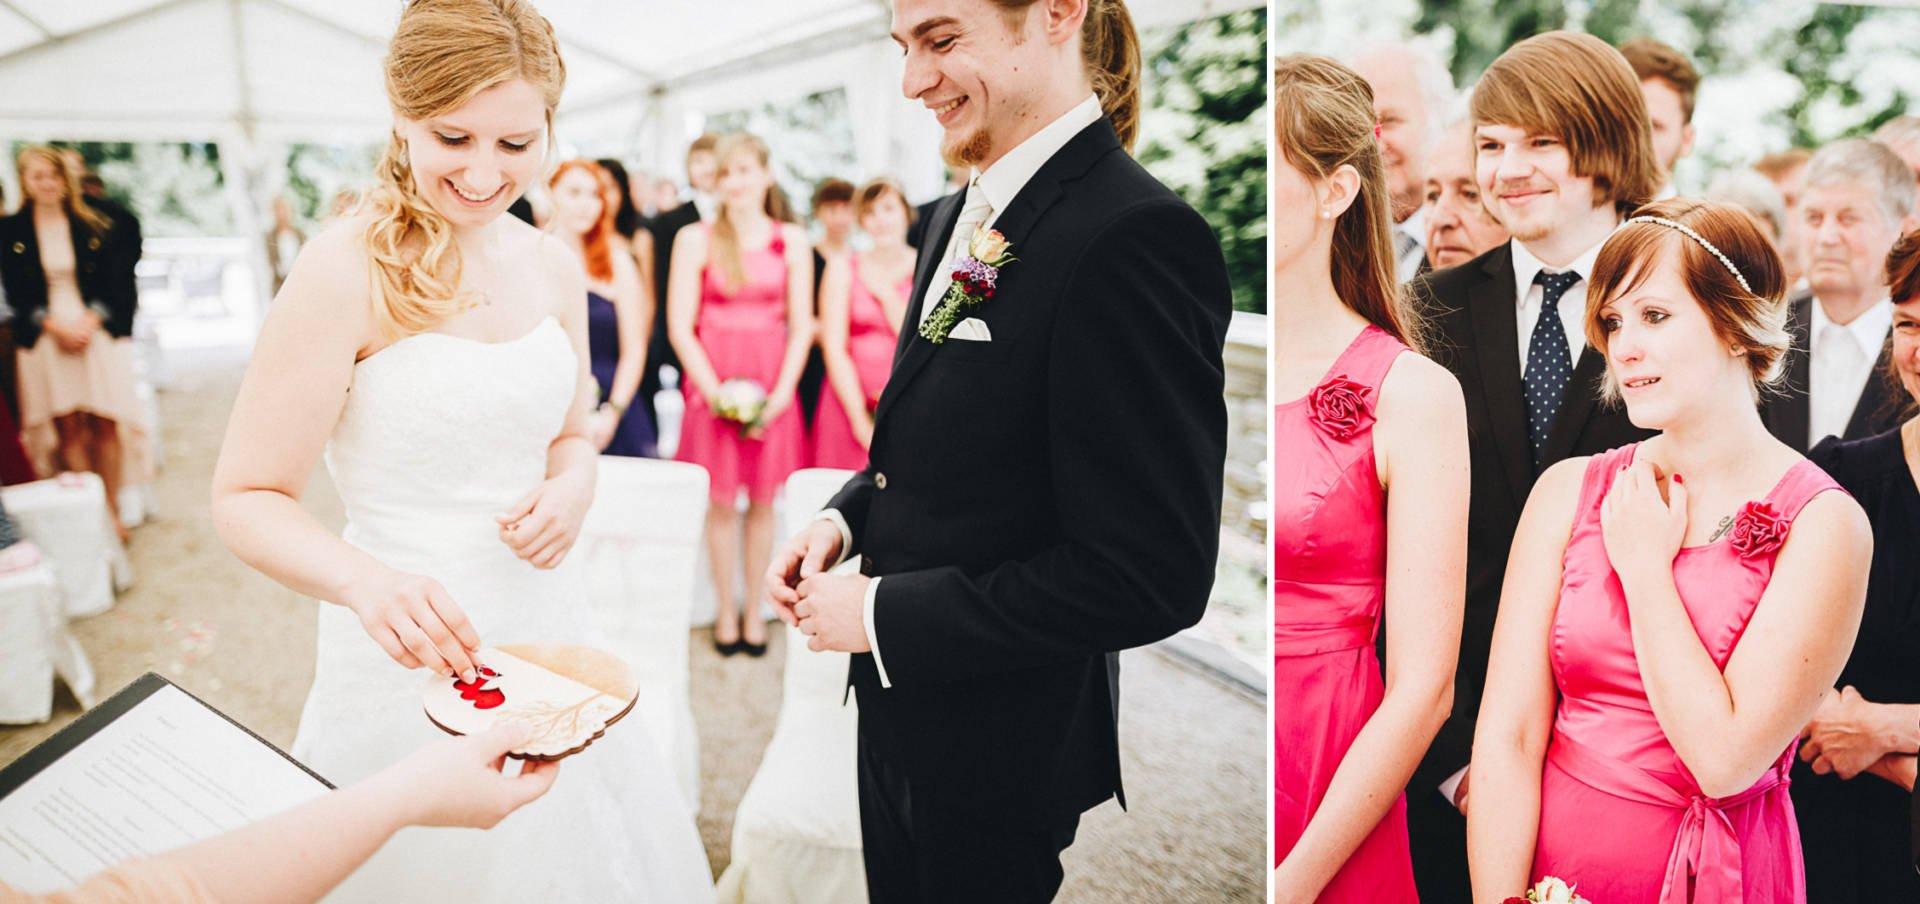 50mmfreunde Hochzeit Poesneck VillaAltenburg 13 - Freie Trauung in der Villa Altenburg